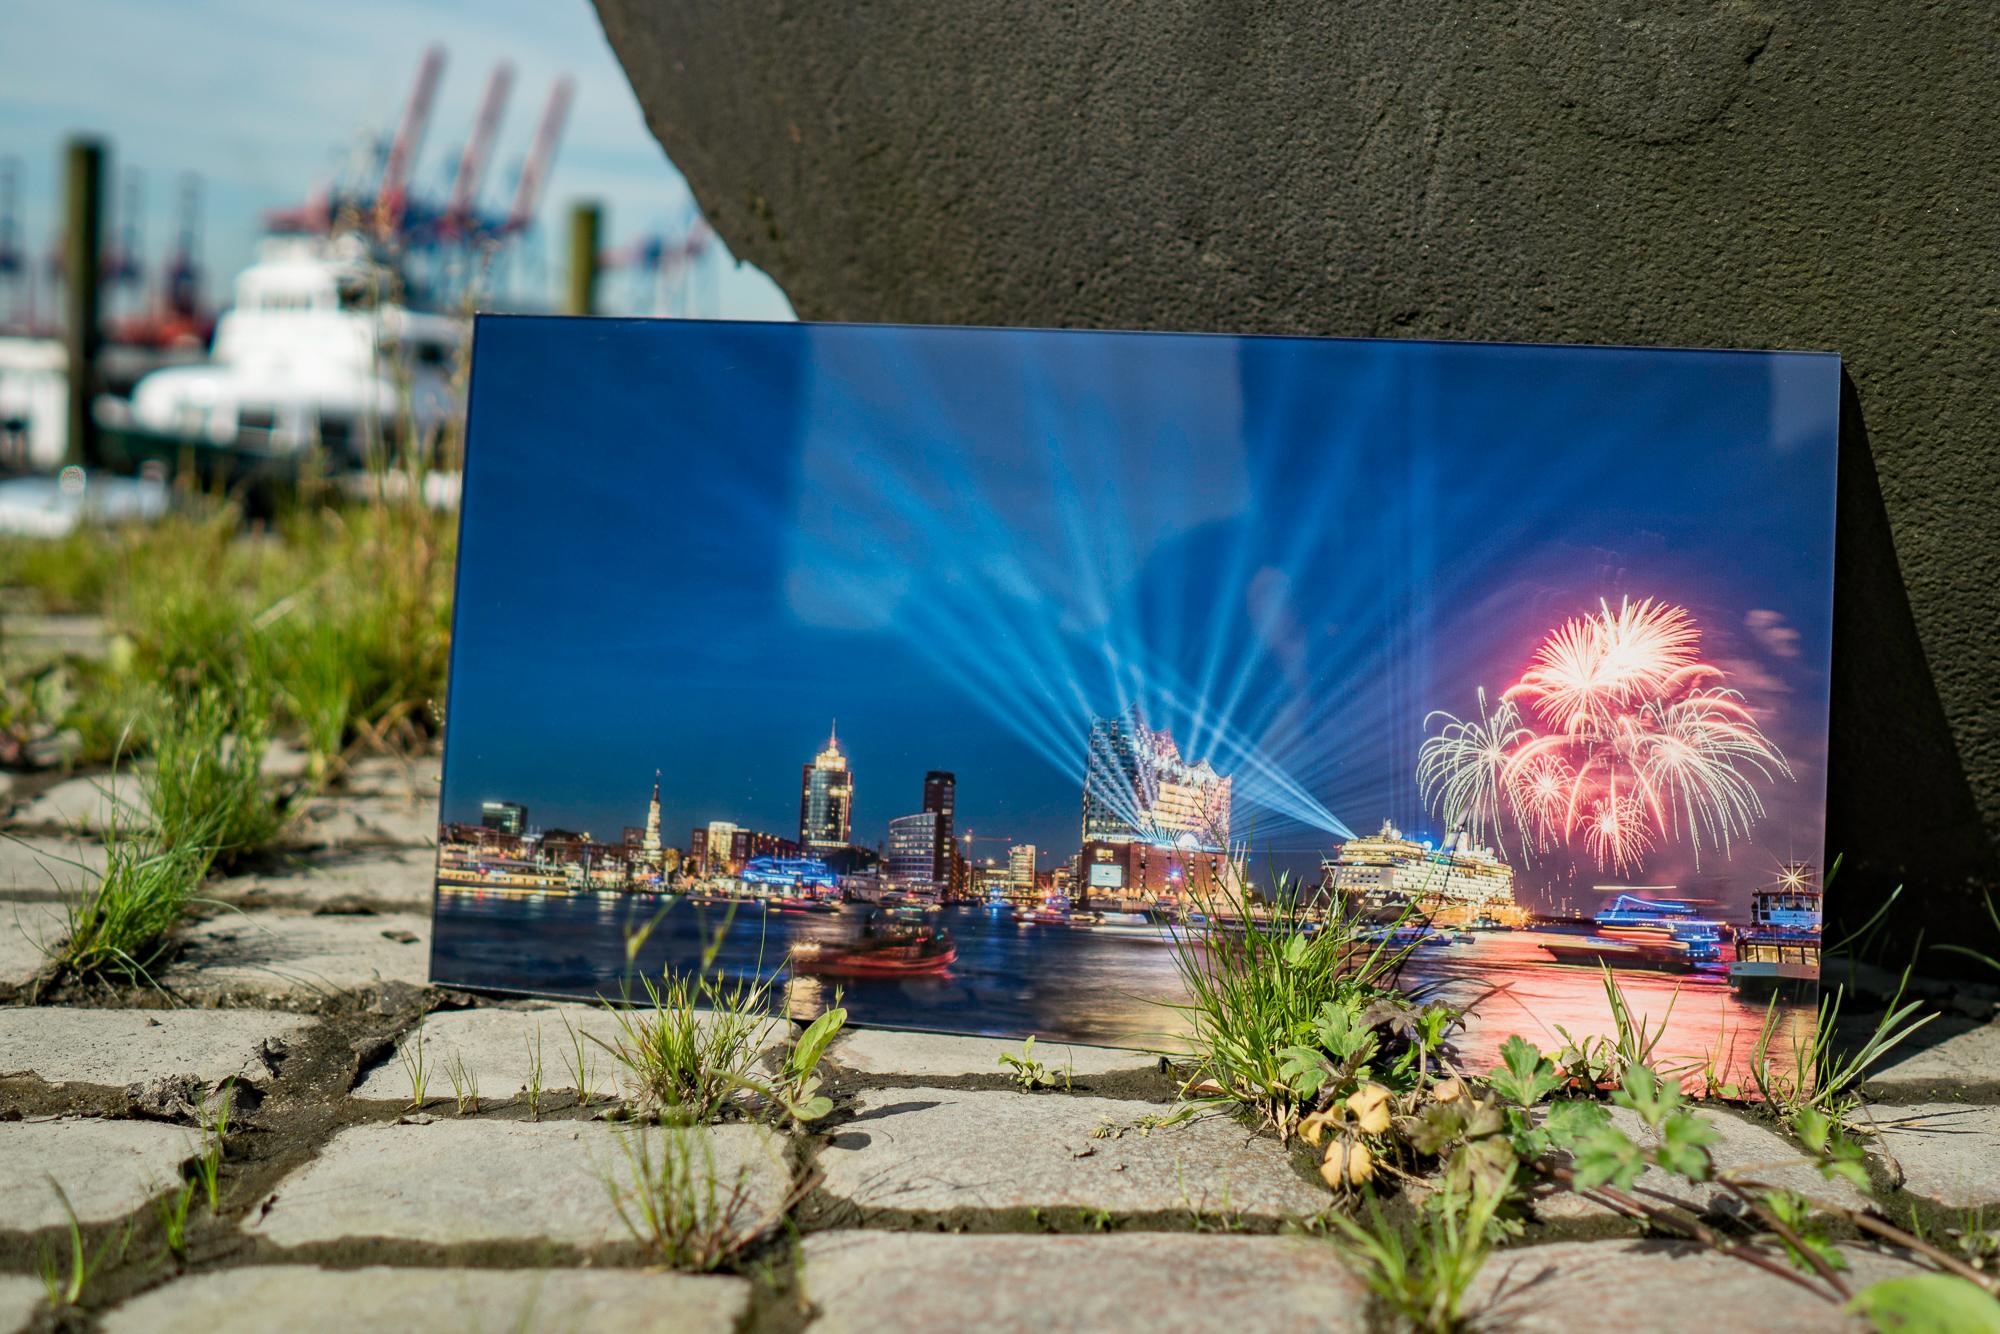 Galerieprint hinter Plexiglas von der Elbphilharmonie